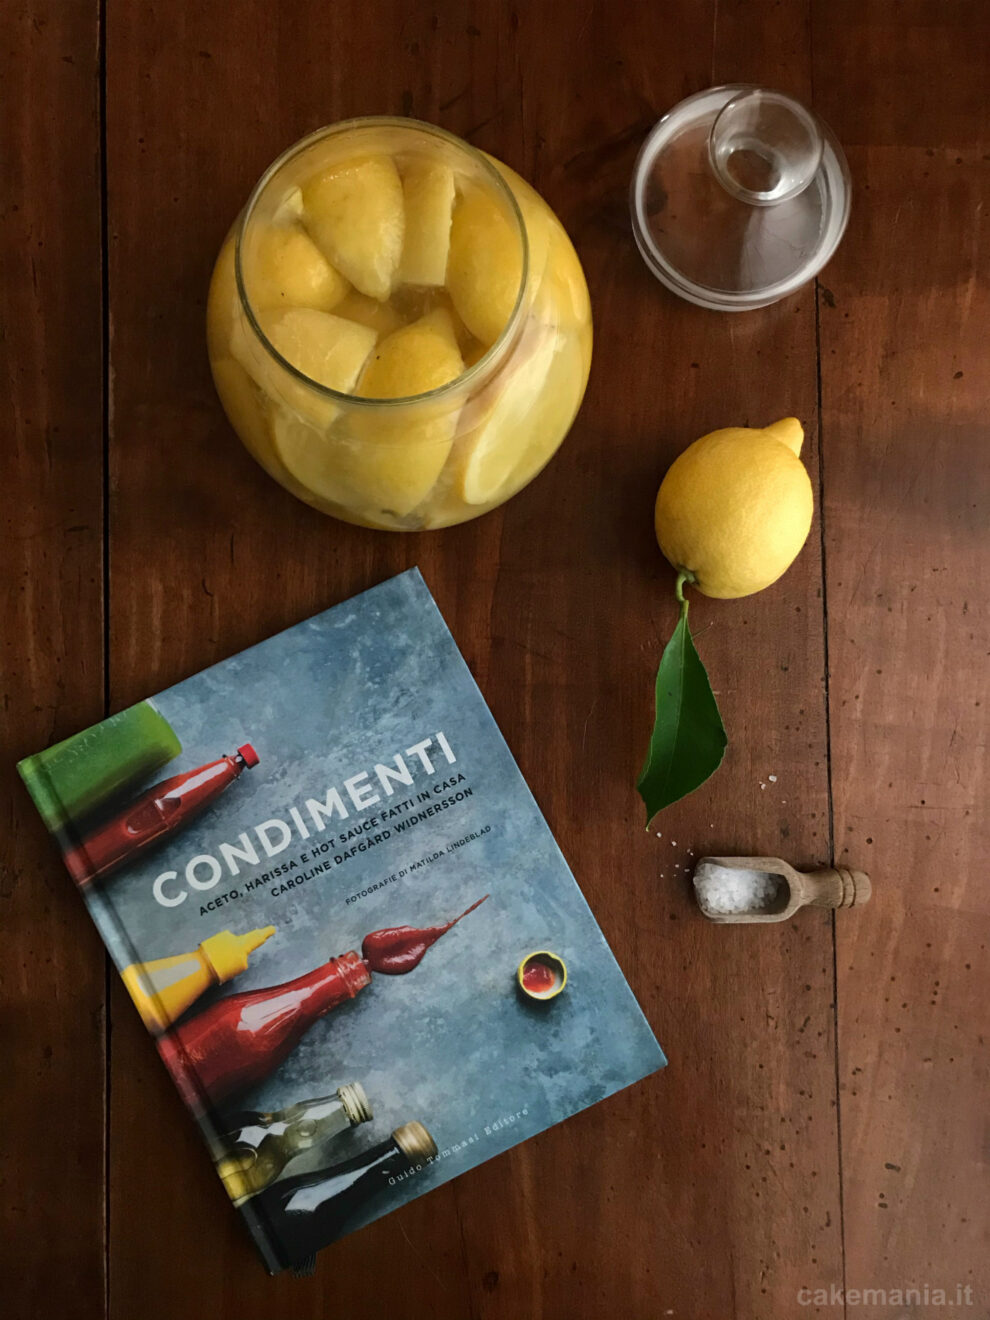 Condimenti, Guido Tommaso Editore